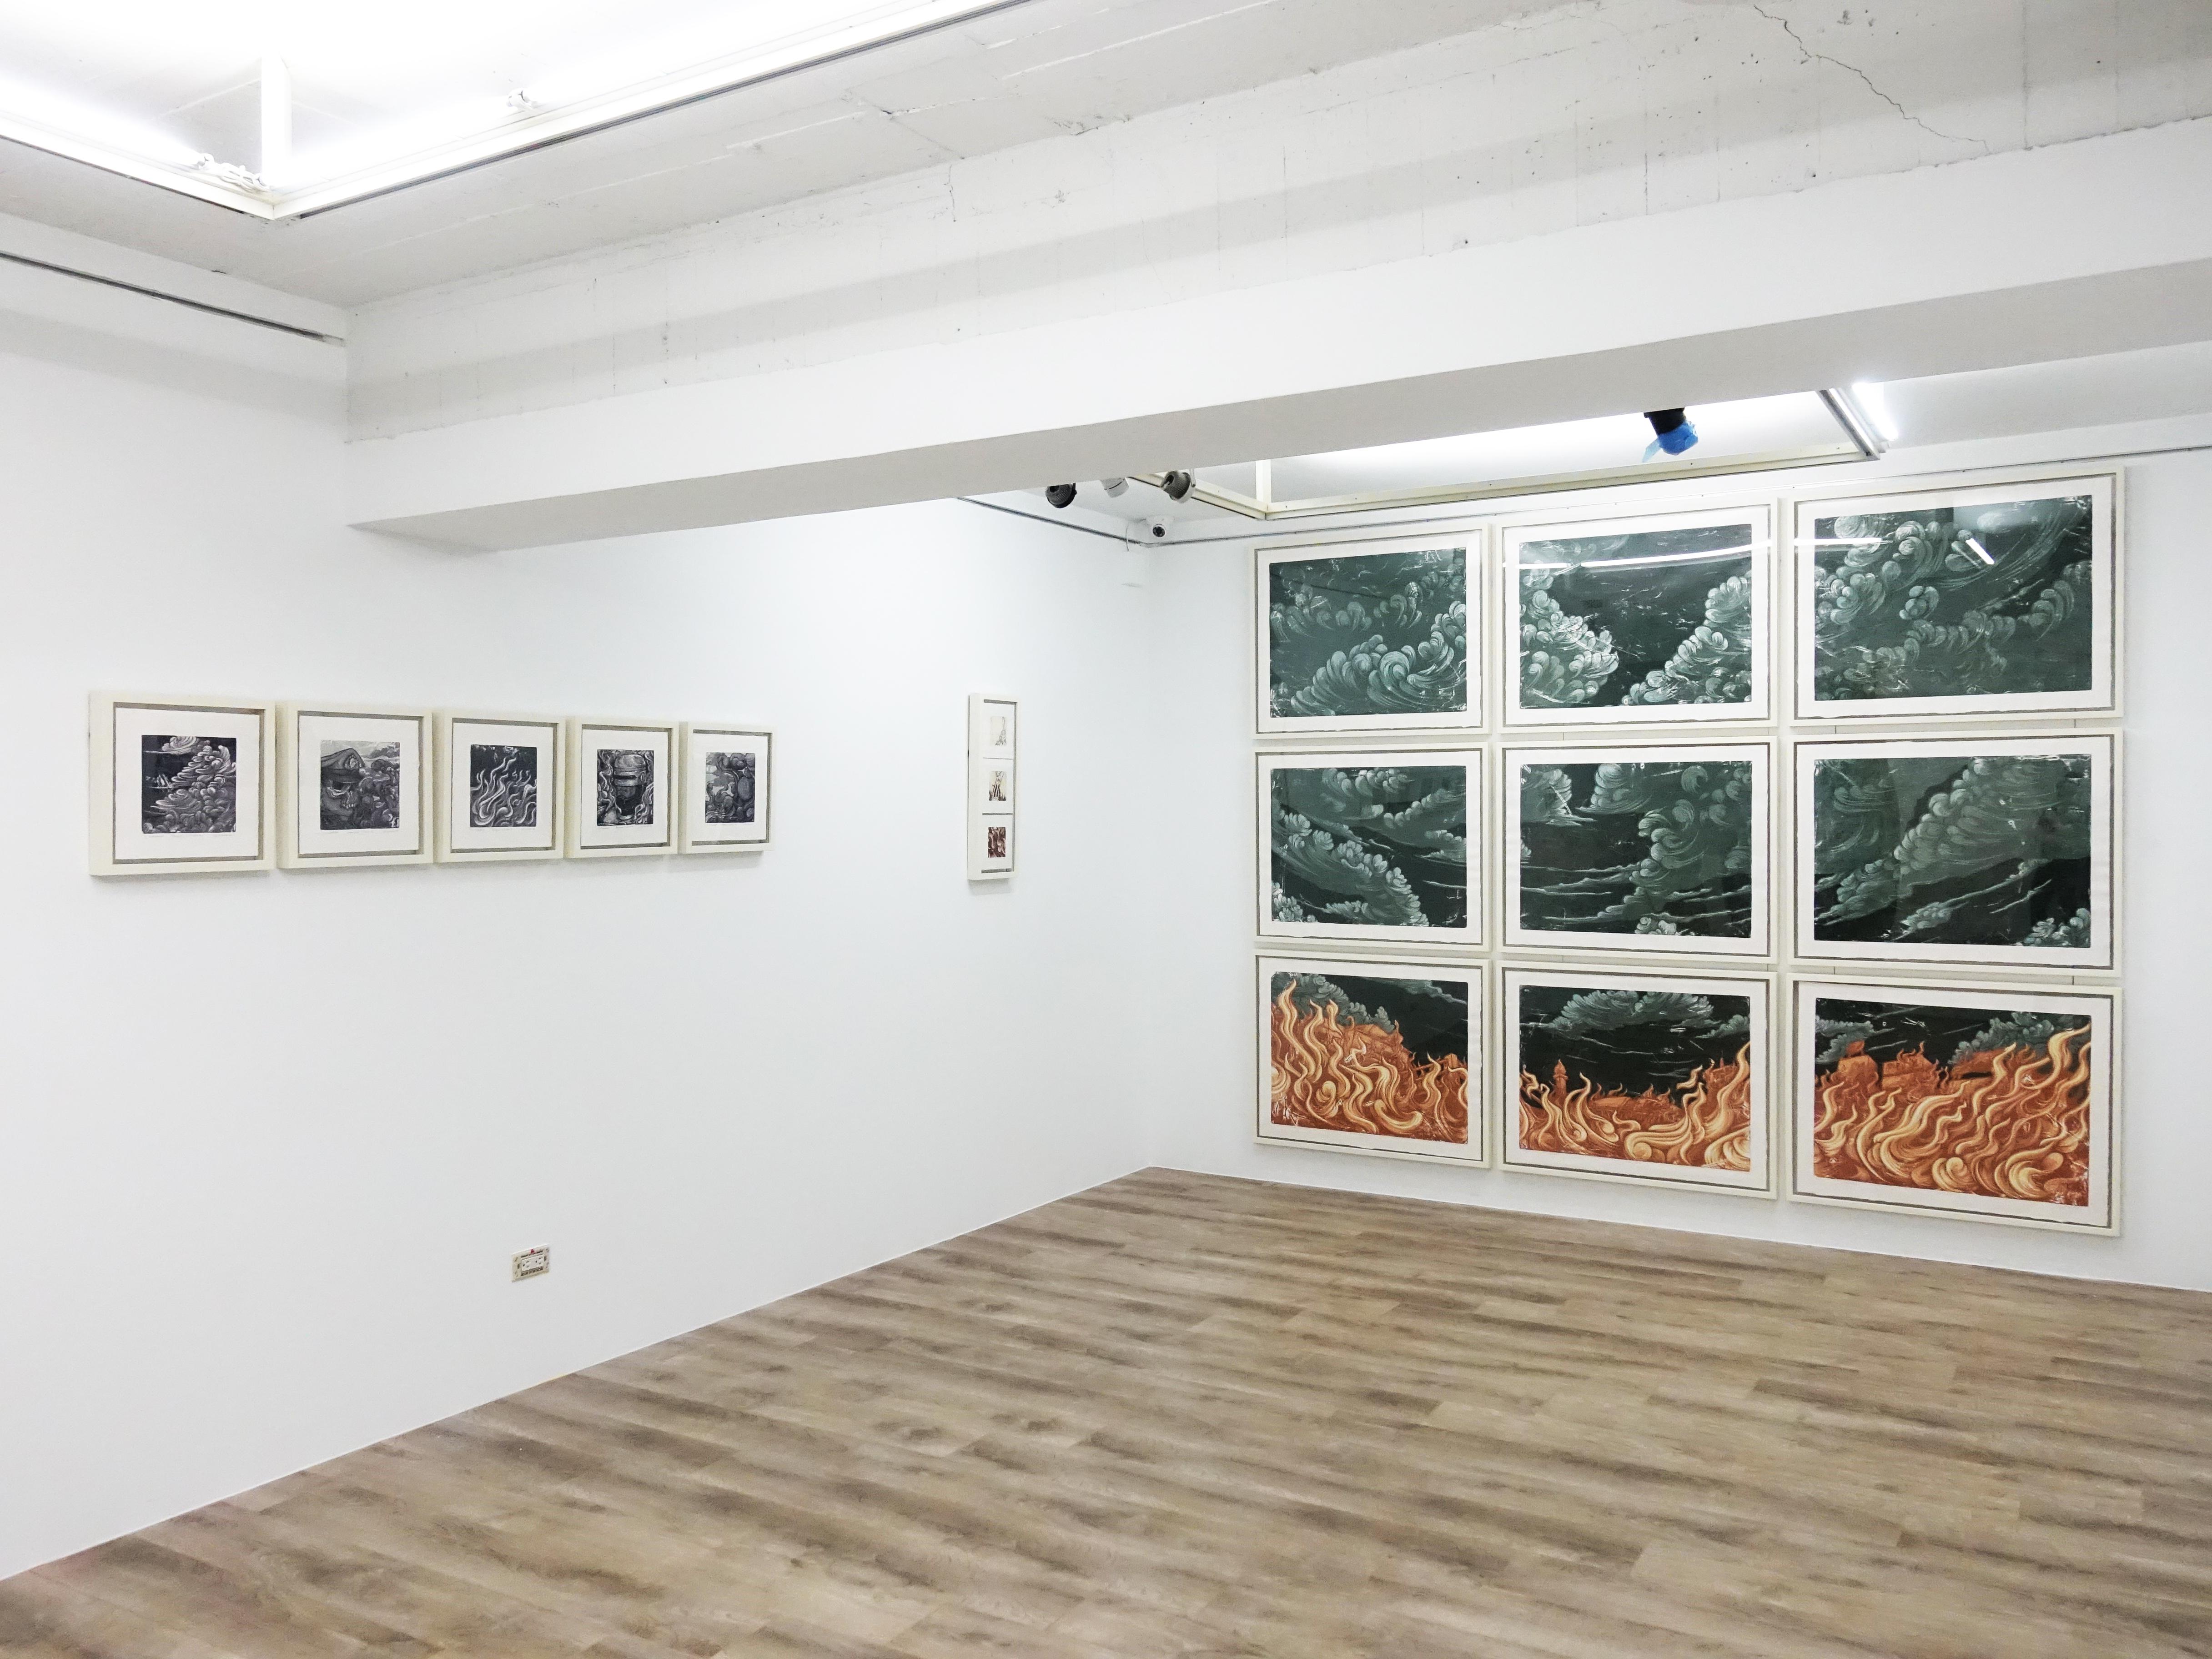 十方藝術空間展出印尼藝術家錫吉特・拉馬丹個展 「紅翼之牆」。